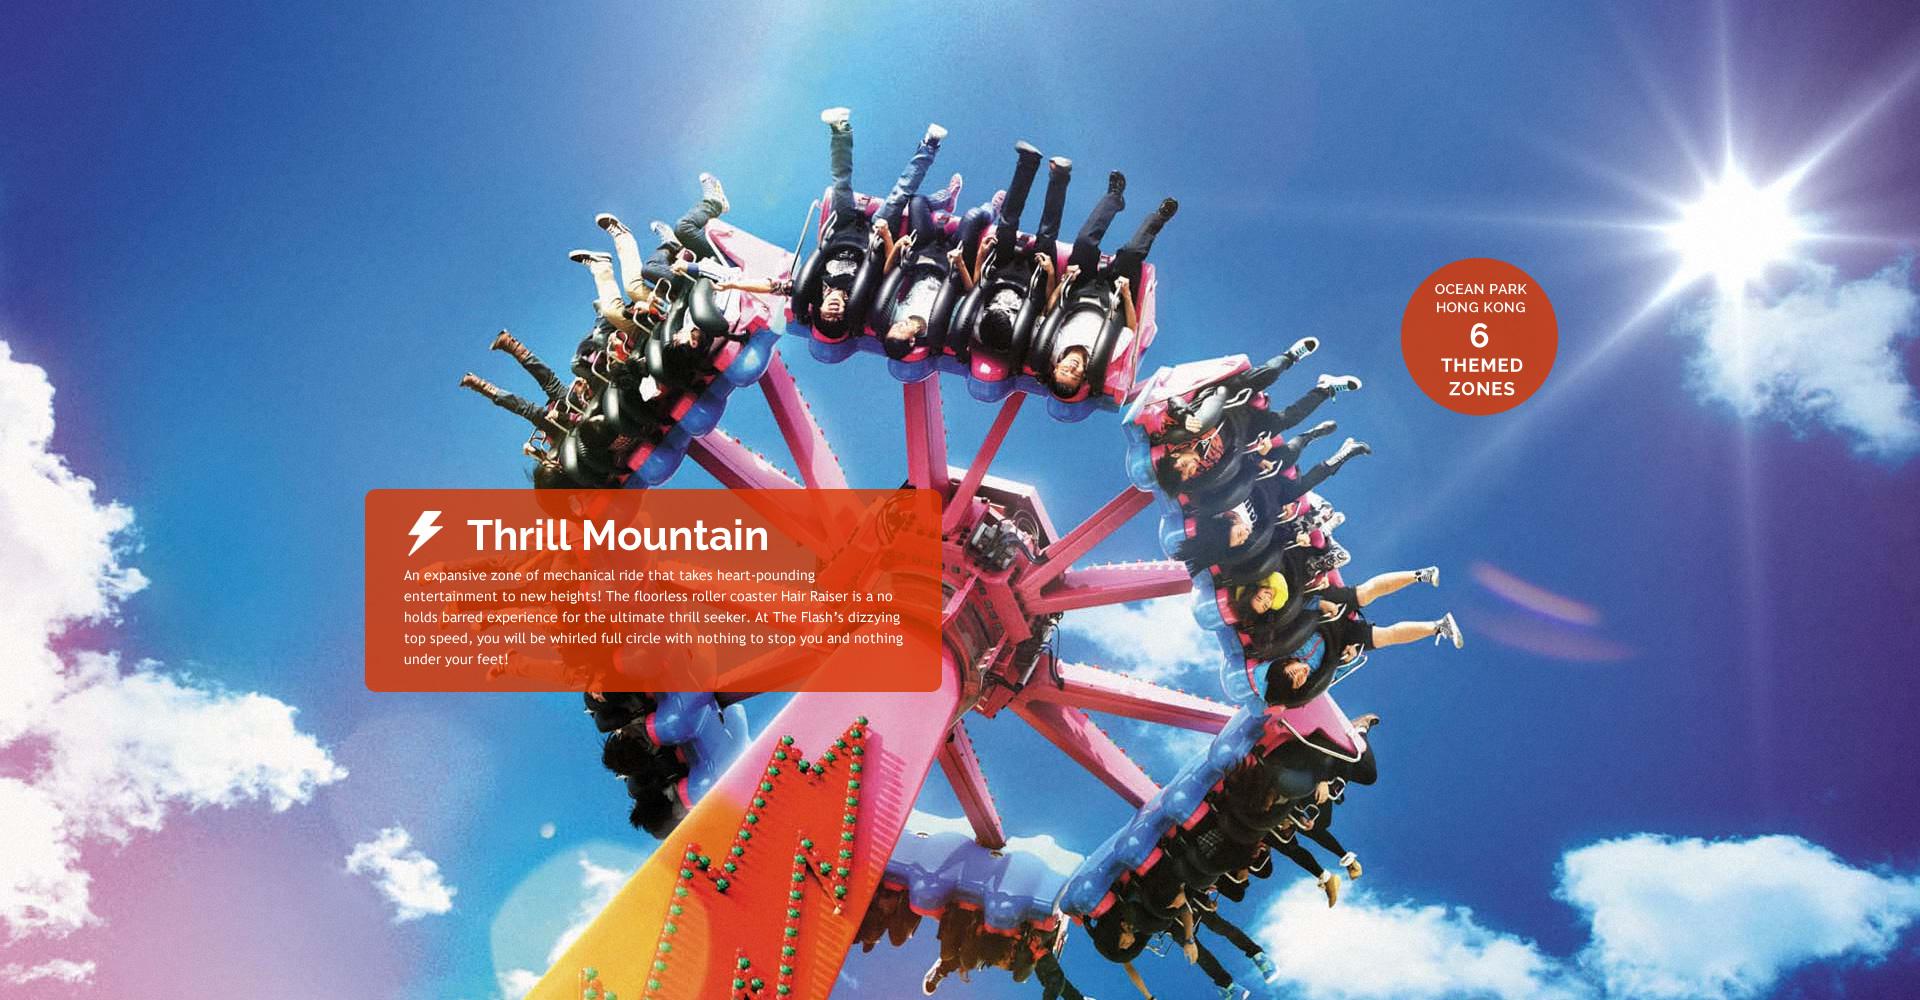 https://media.oceanpark.com.hk/files/s3fs-public/Philippine_inside_banner01_desktop_thrill_mounation.jpg